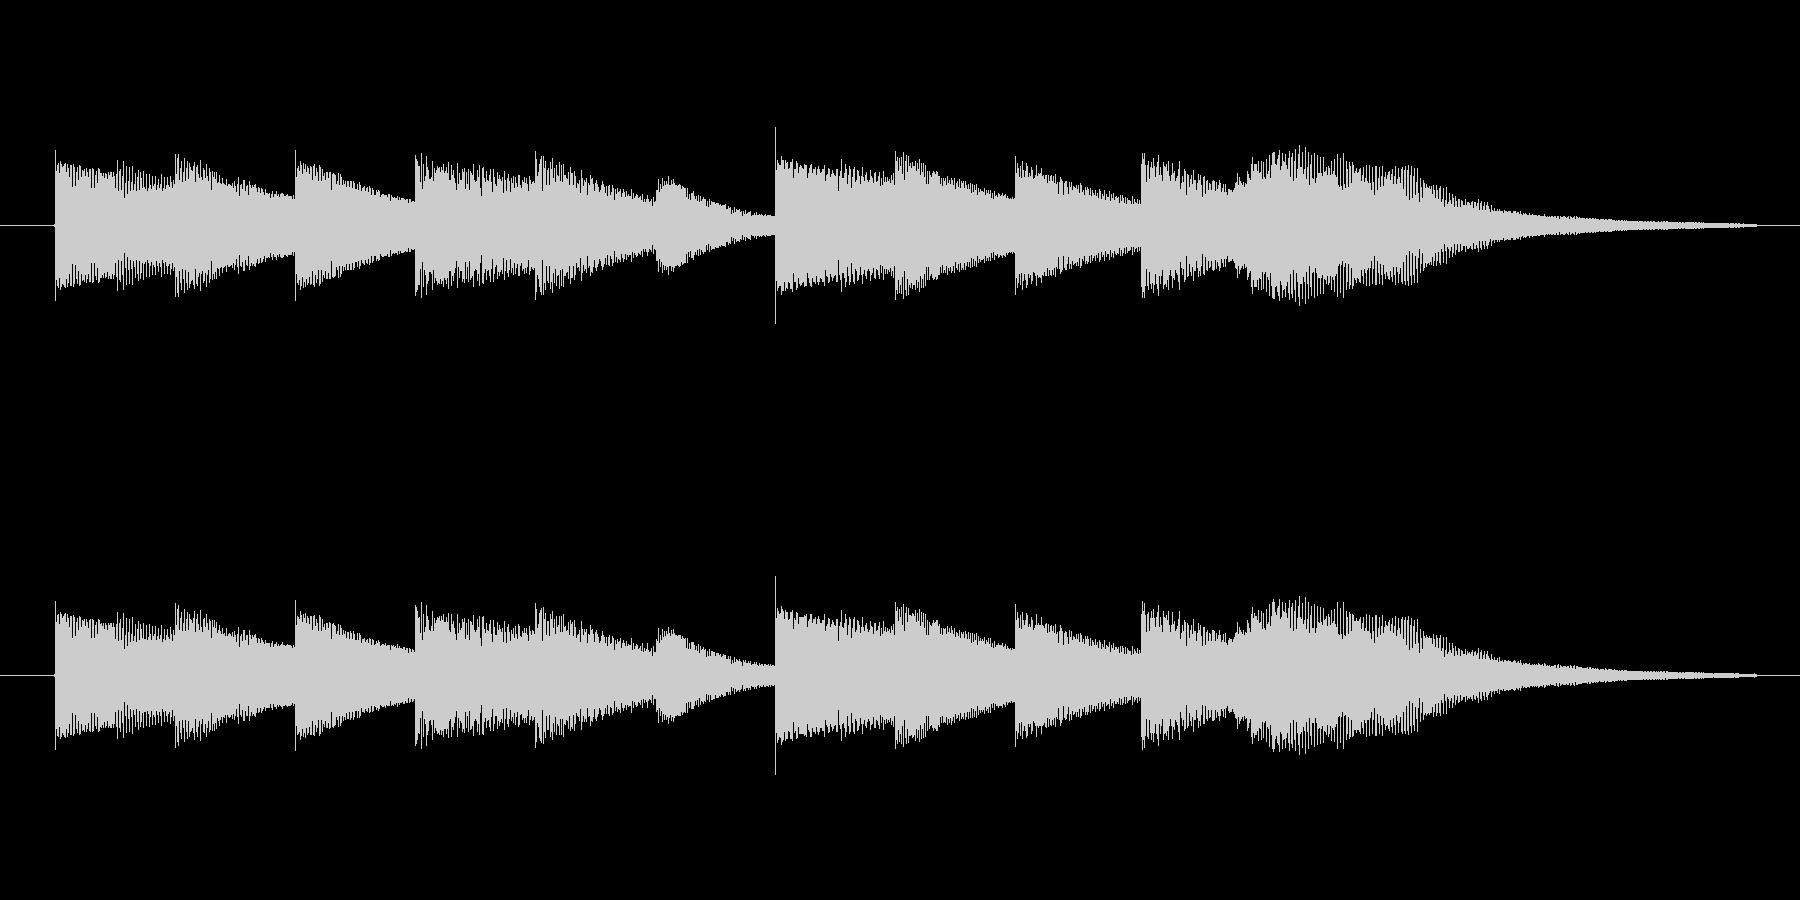 透明感のある音源使用 お知らせの合図ベ…の未再生の波形